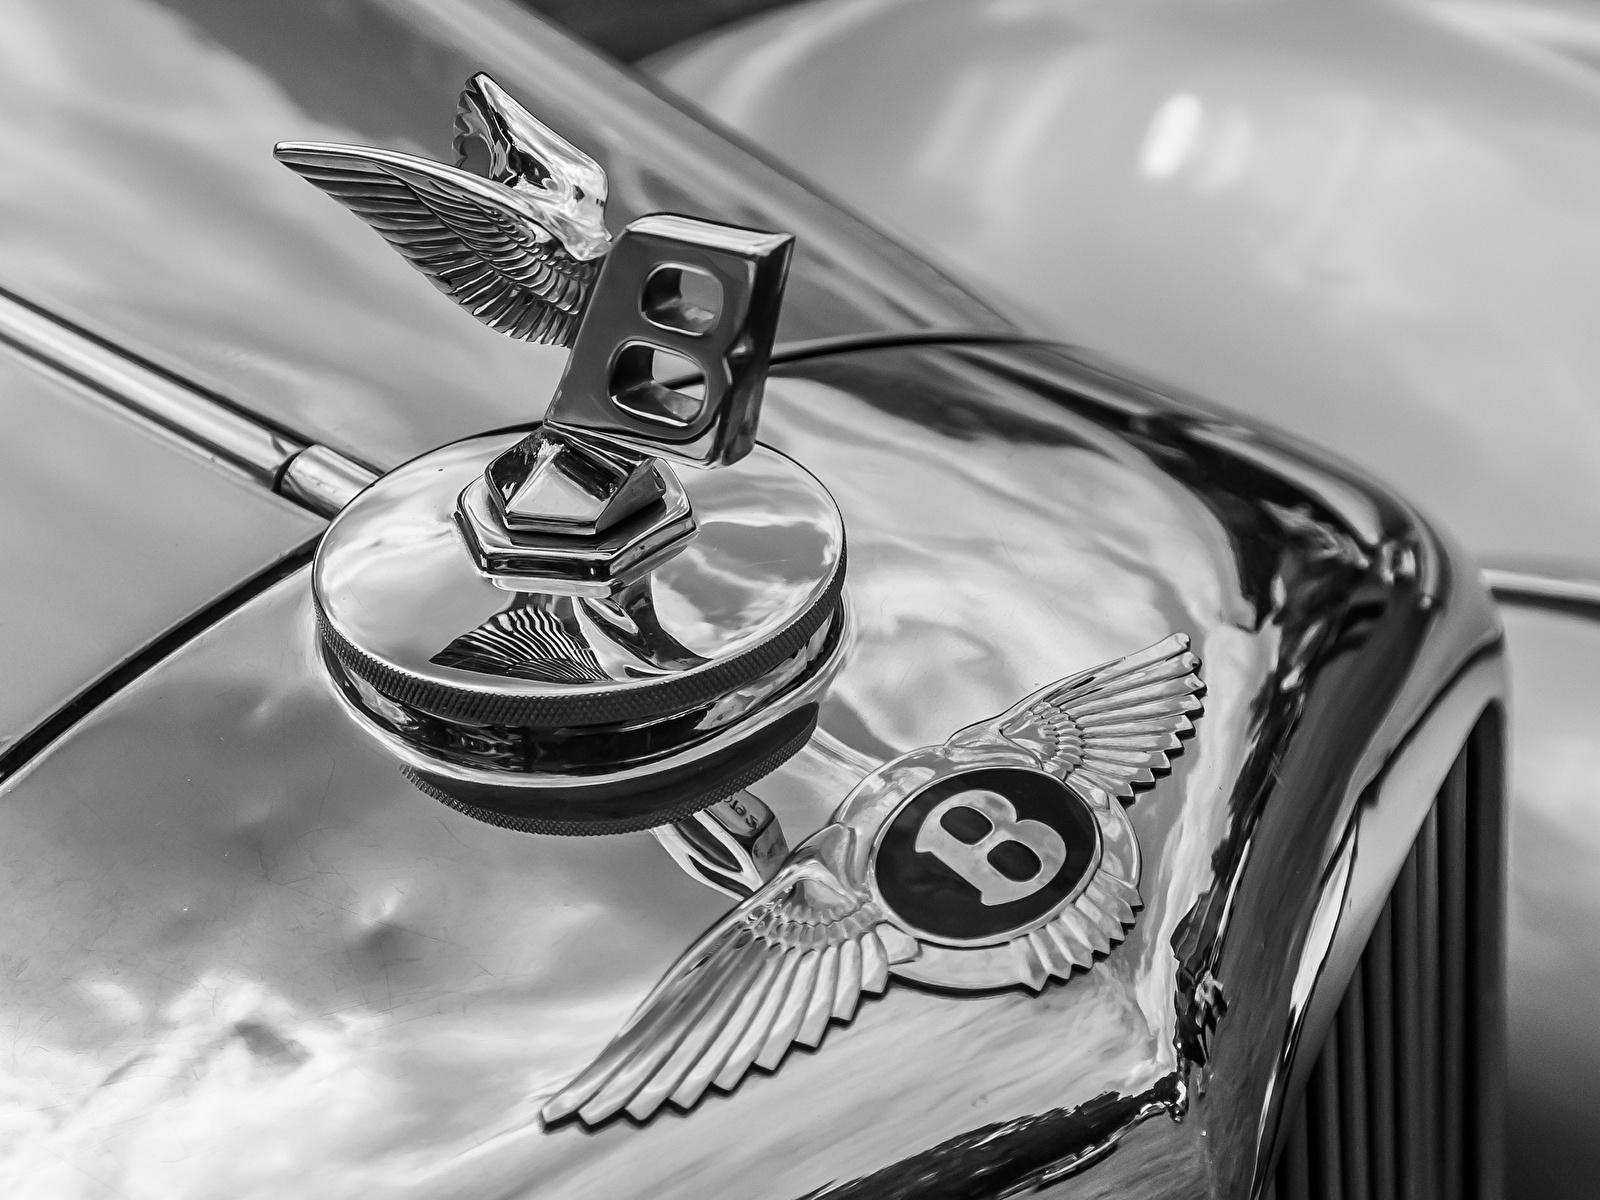 Photo Bentley Logo Emblem Antique Cars Closeup 1600x1200